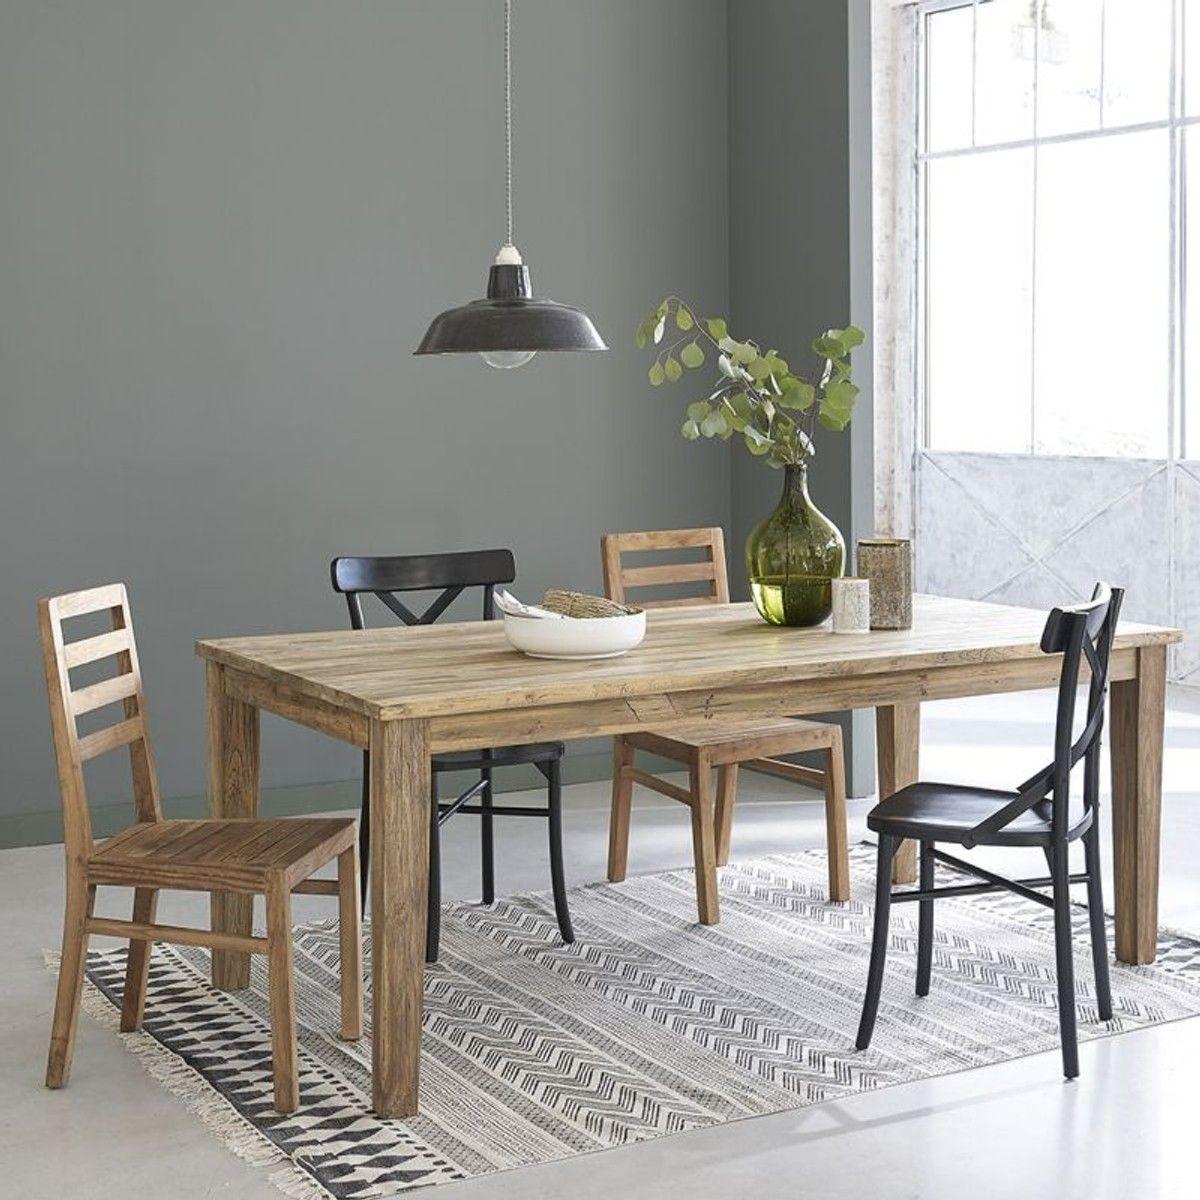 Table En Bois De Teck Recycle Avec Rallonges 8 A 12 Couverts Salle A Manger Industrielle Table Bois Bois De Teck